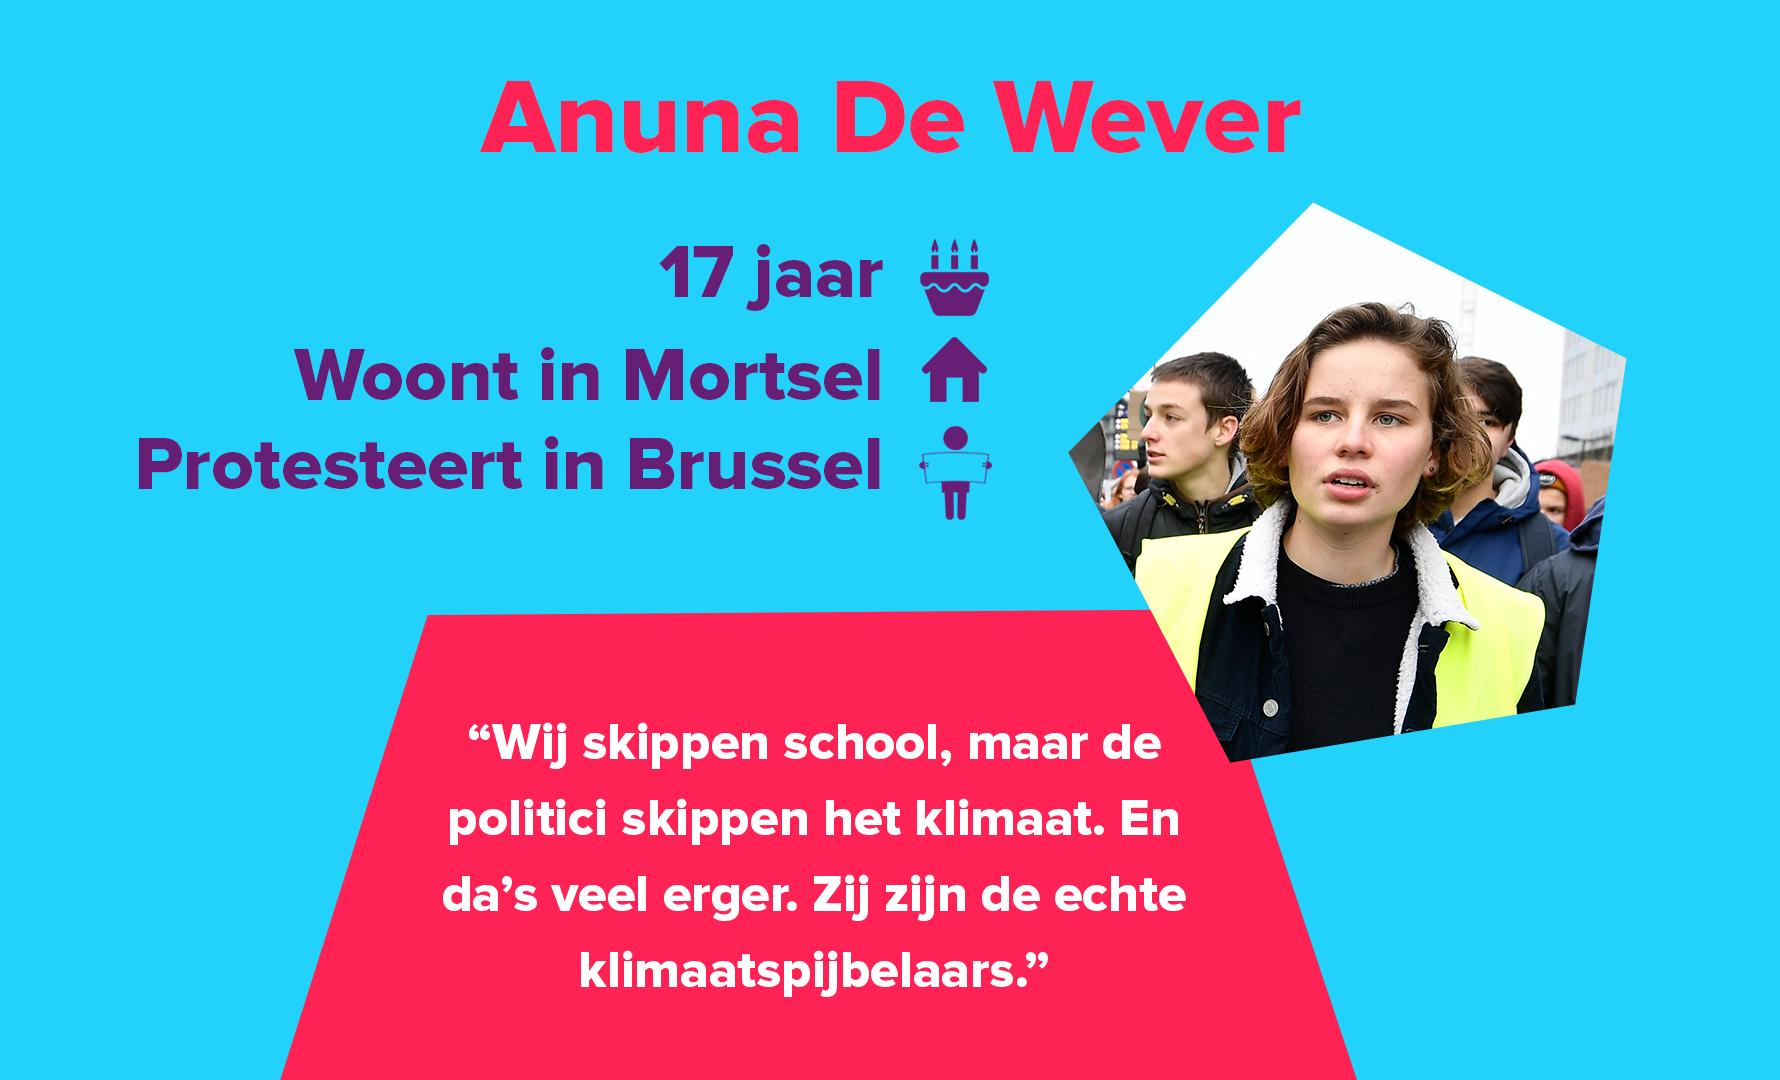 Anuna De Wever